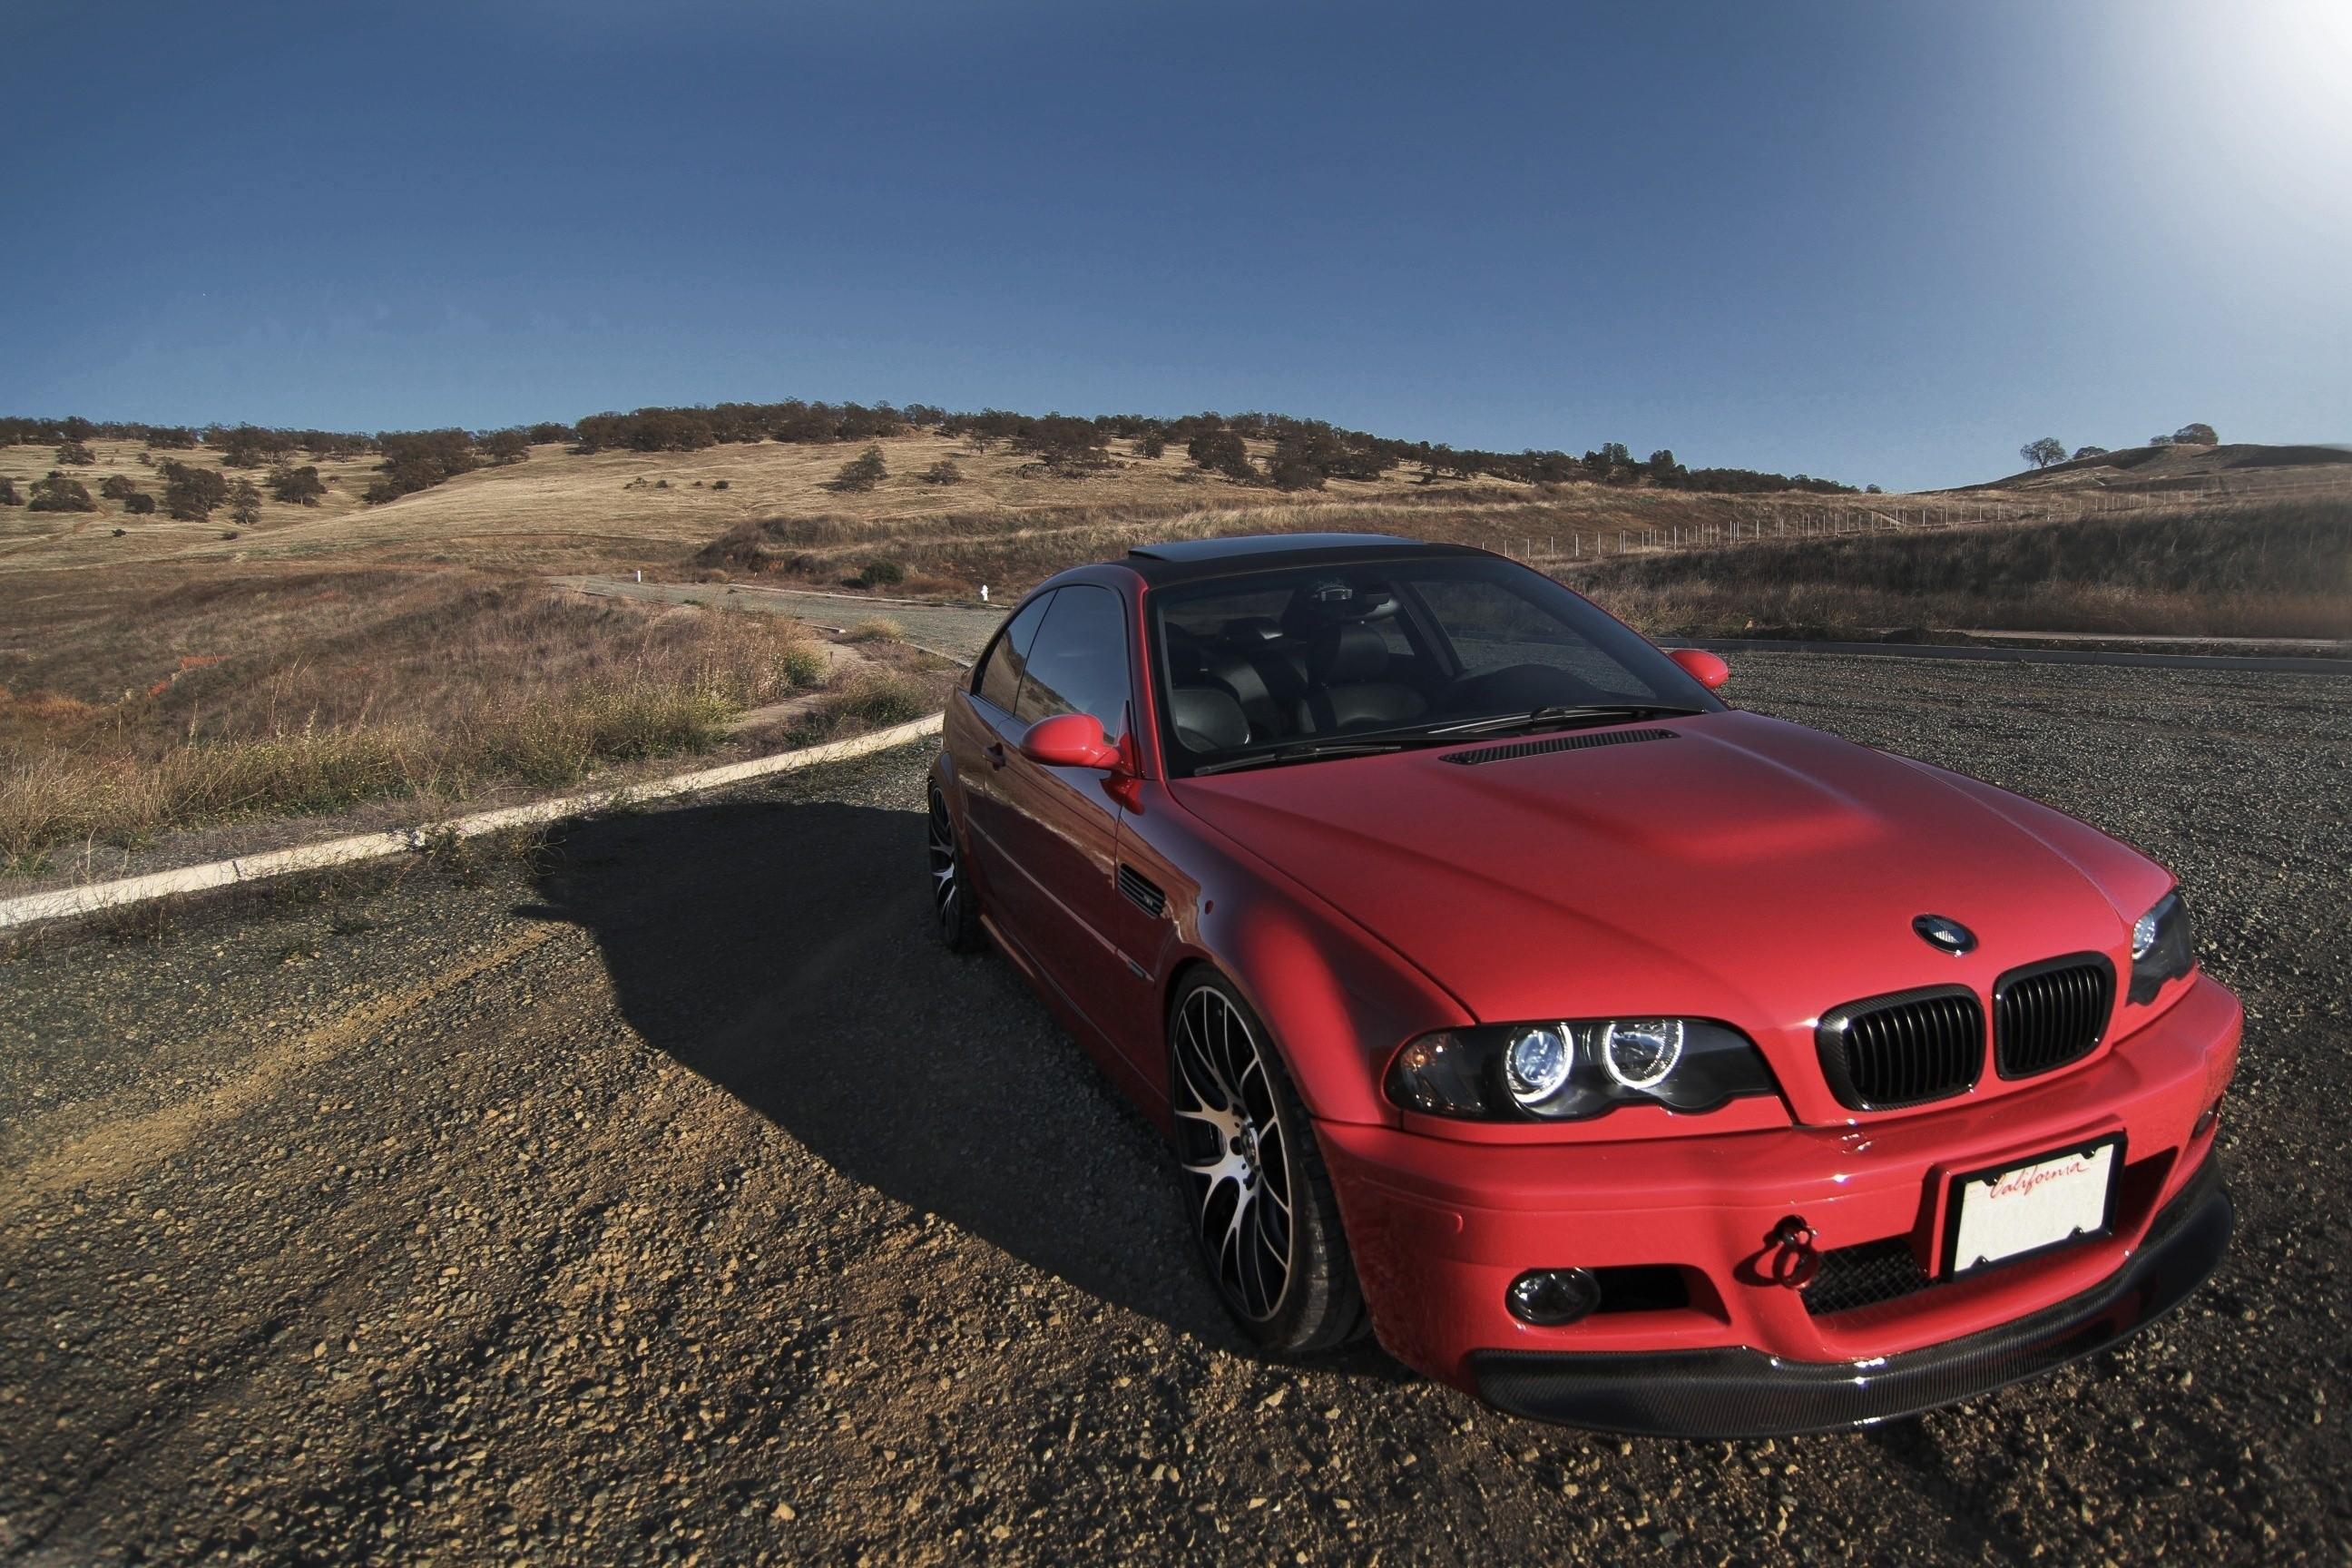 50889 Заставки и Обои Тачки (Cars) на телефон. Скачать Машины, Тачки (Cars), Бмв (Bmw), Красный, Вид Сбоку, E46 картинки бесплатно